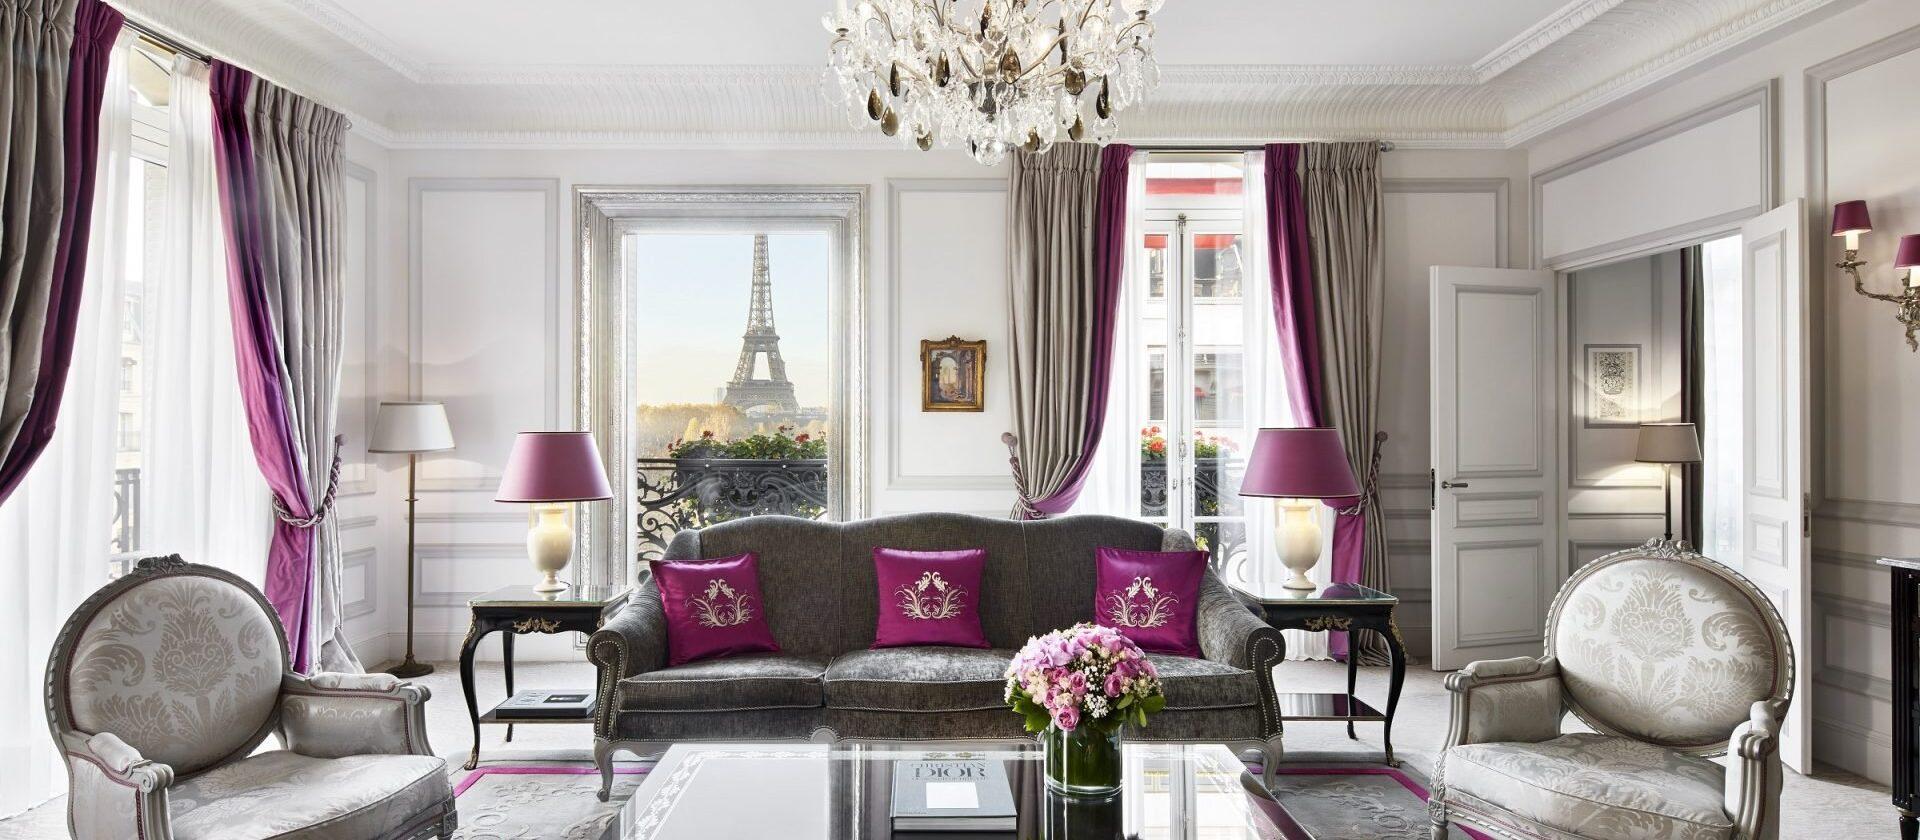 Hotel plaza ath n e 5 star luxury hotel dorchester - Salon prestige organza ...